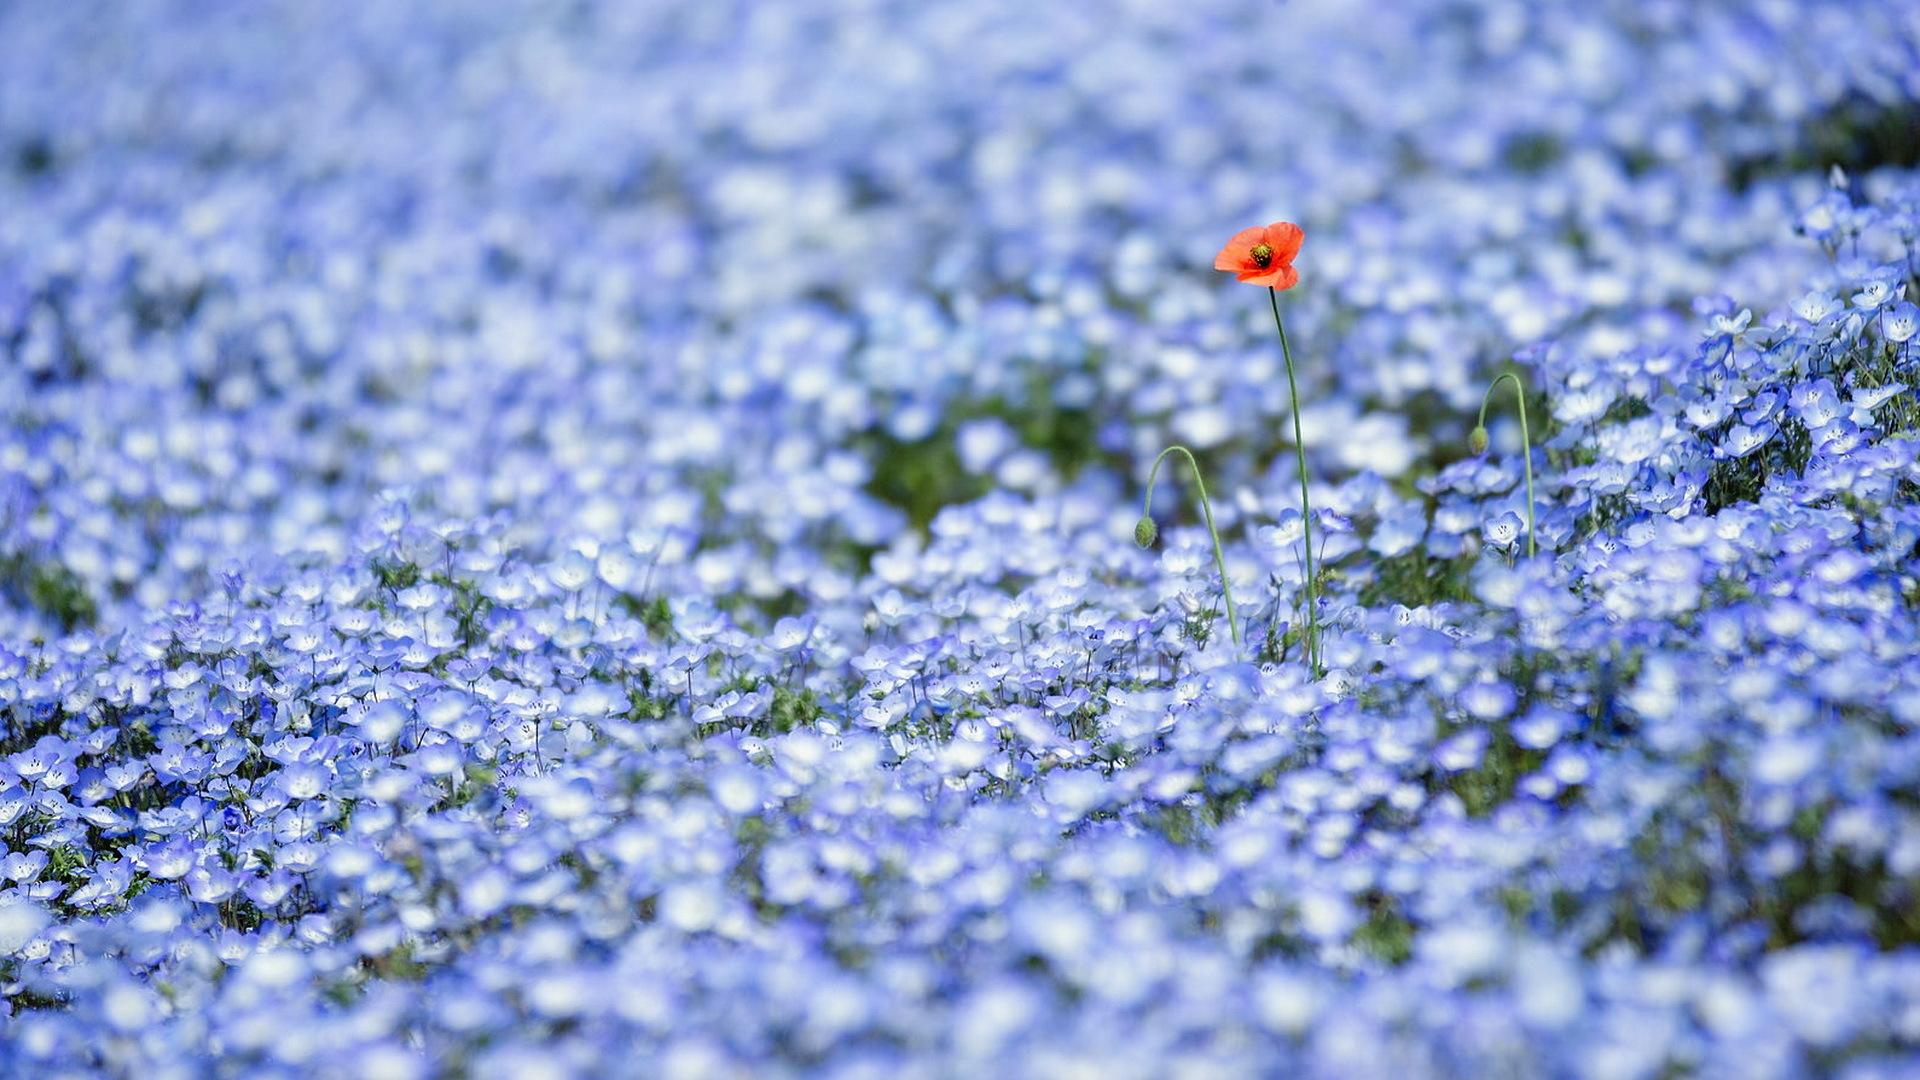 цветы природа незабудки бесплатно